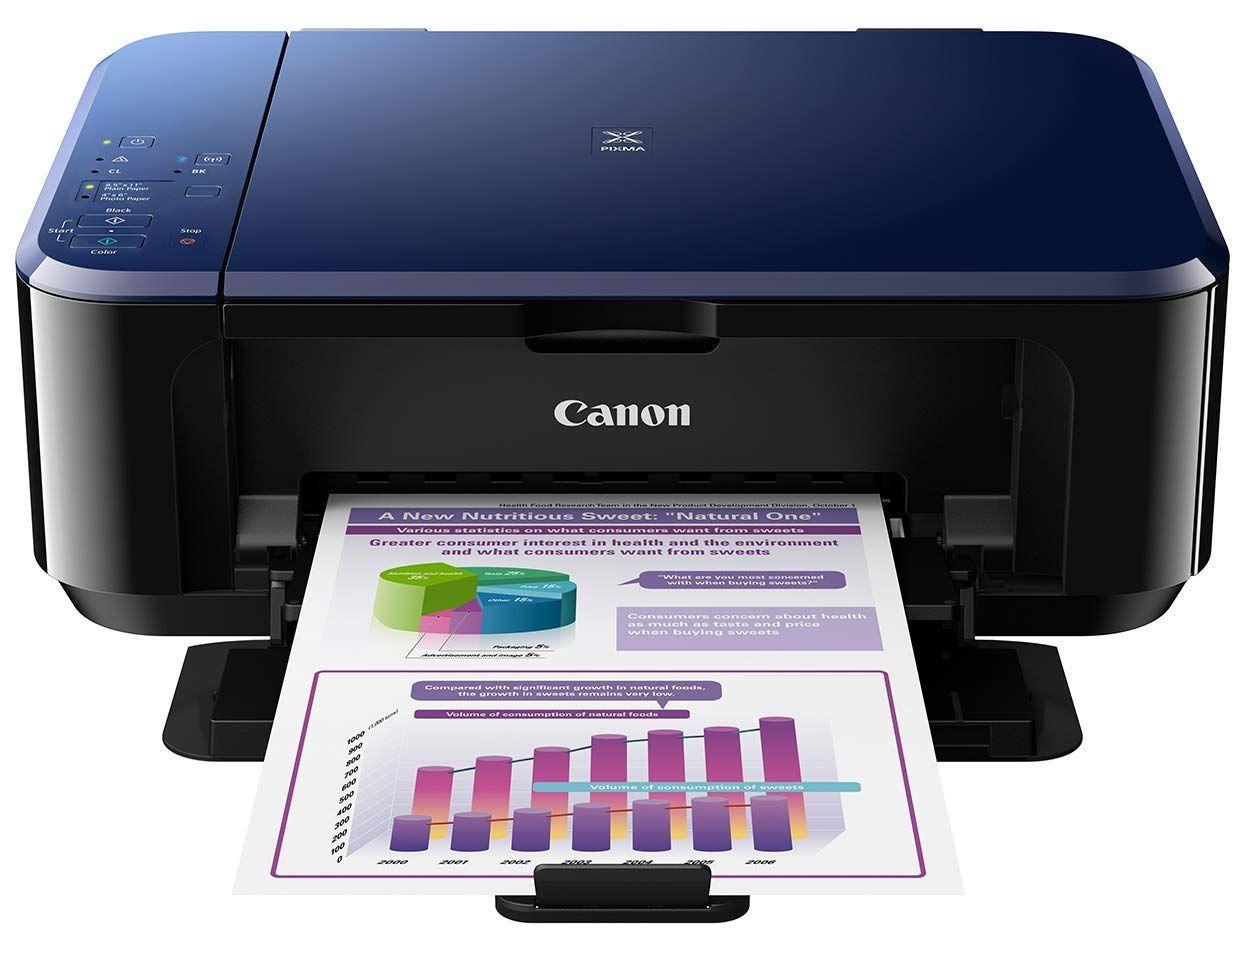 Máy in đa chức năng phun màu Canon E560 sp chính hãng tại Toàn Nhân